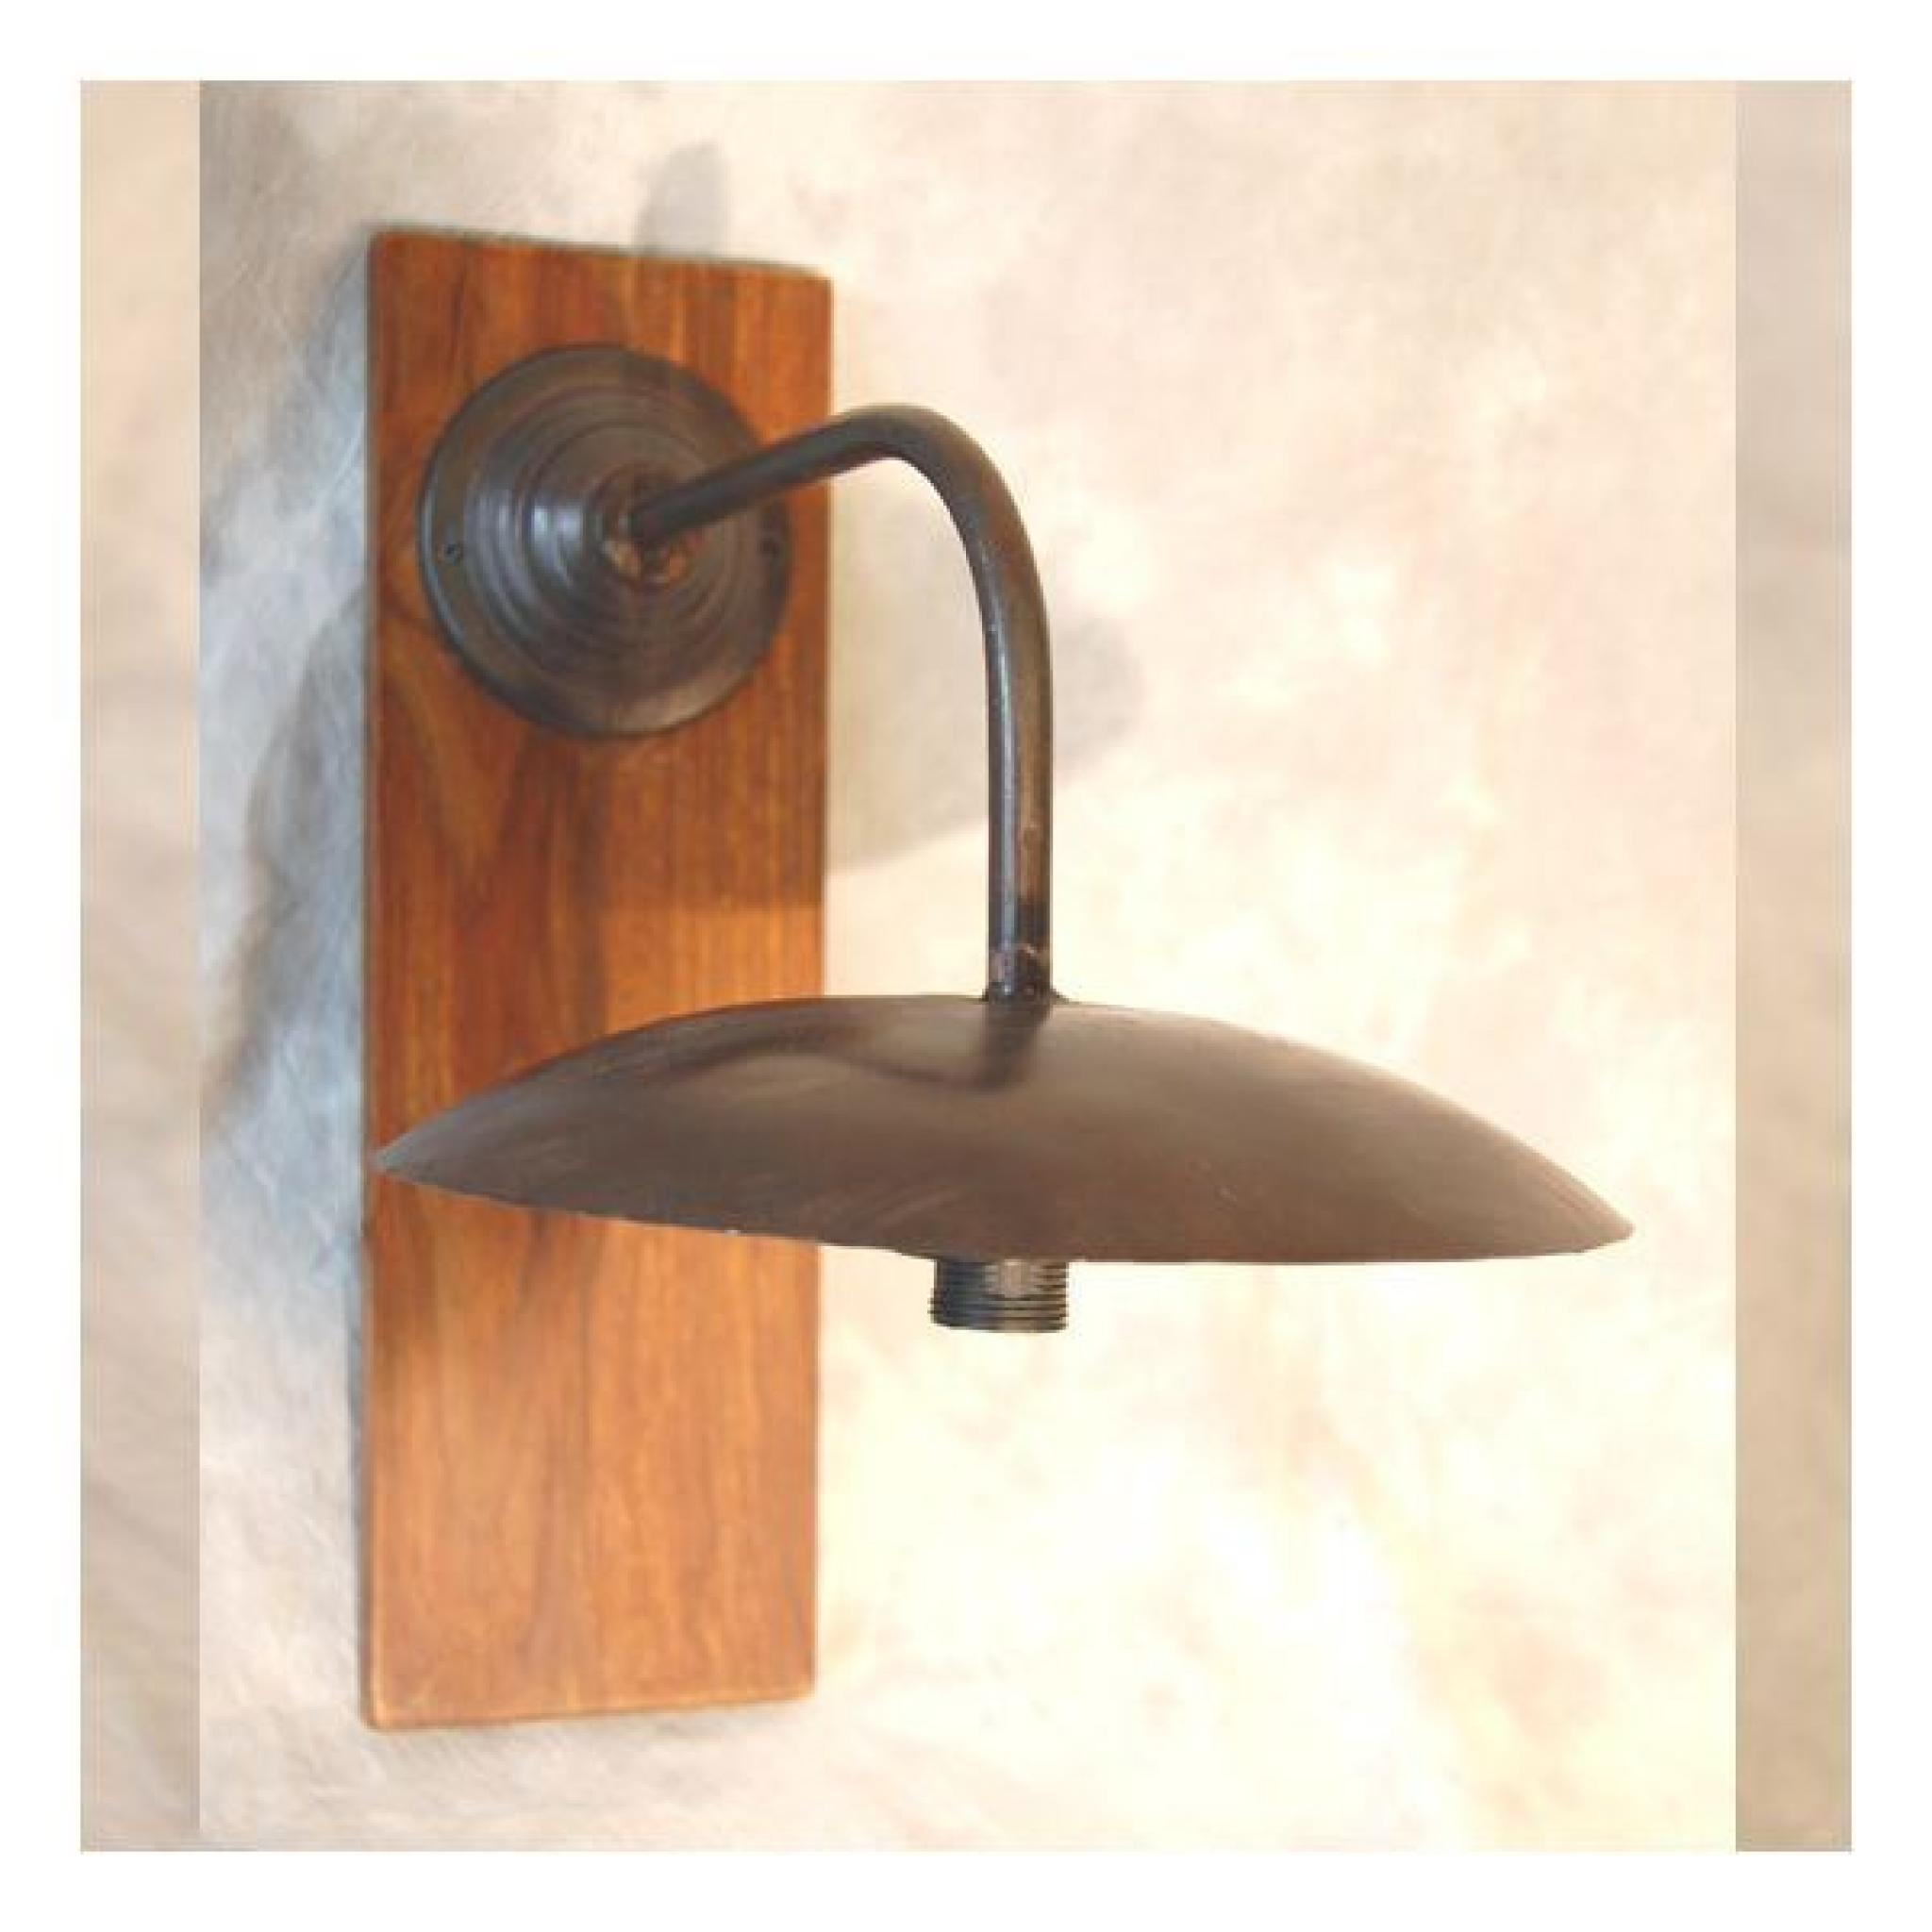 applique murale fer forge loft bois achat vente applique murale pas cher couleur et. Black Bedroom Furniture Sets. Home Design Ideas